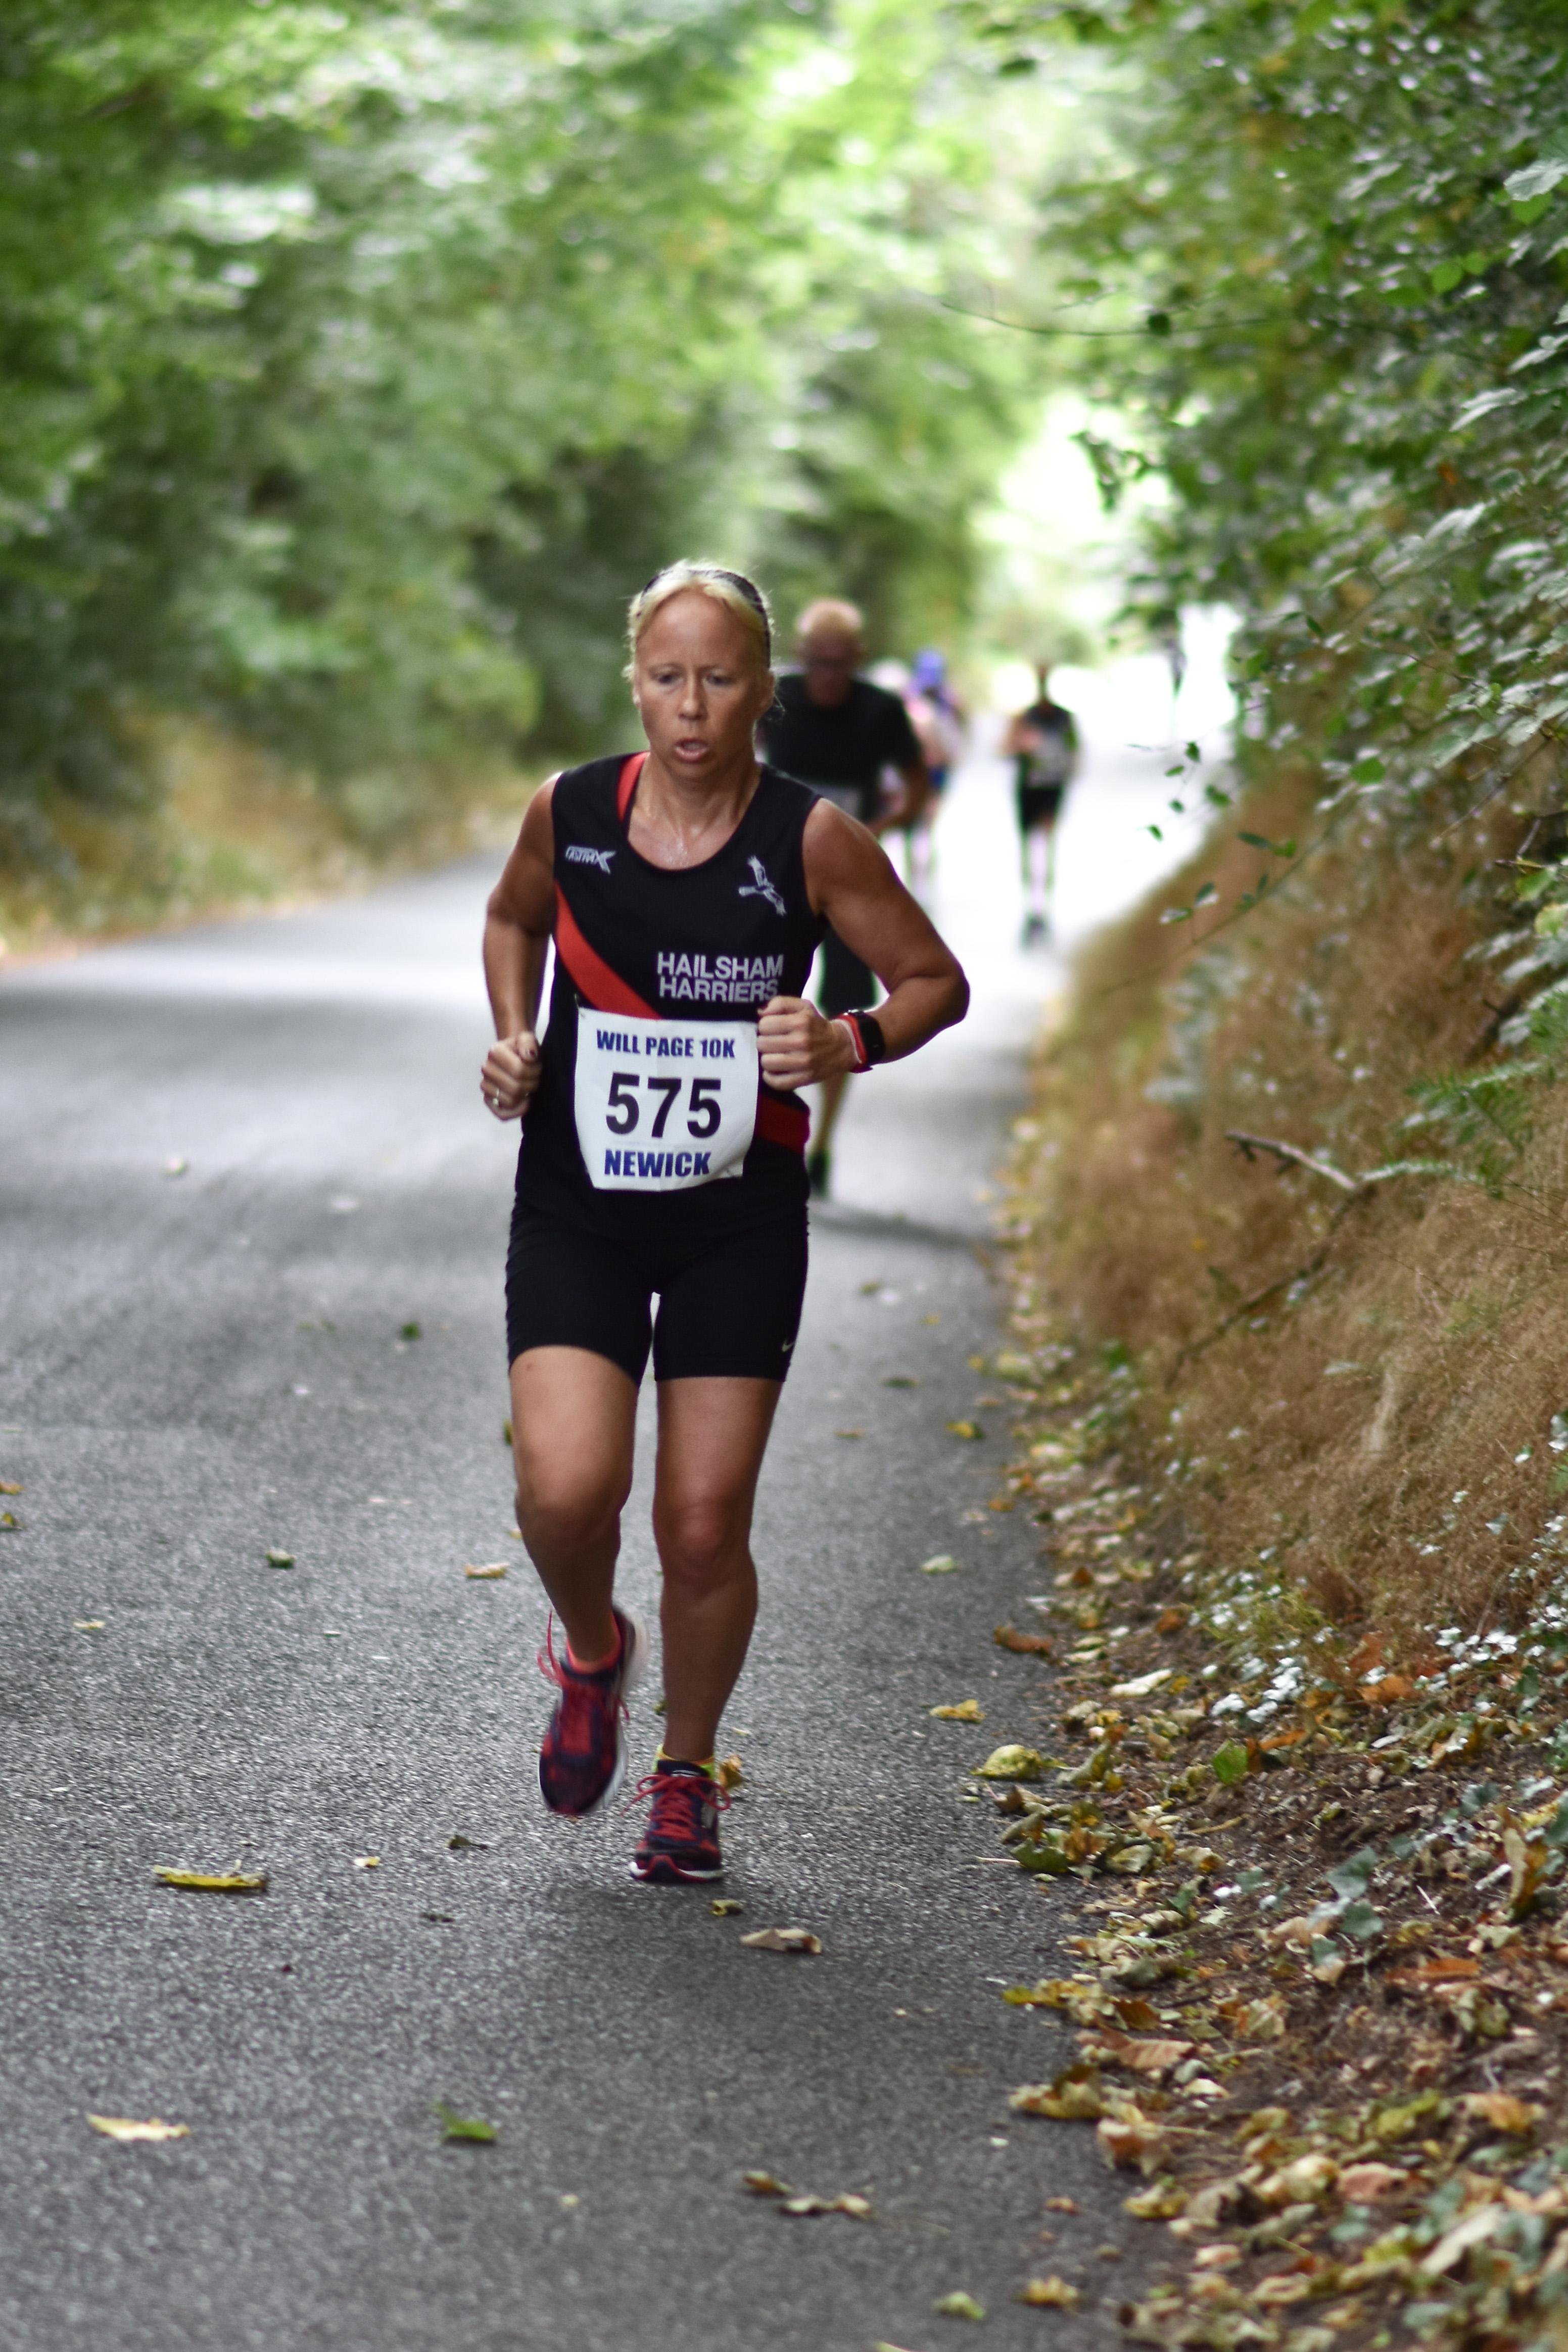 Runner - 575